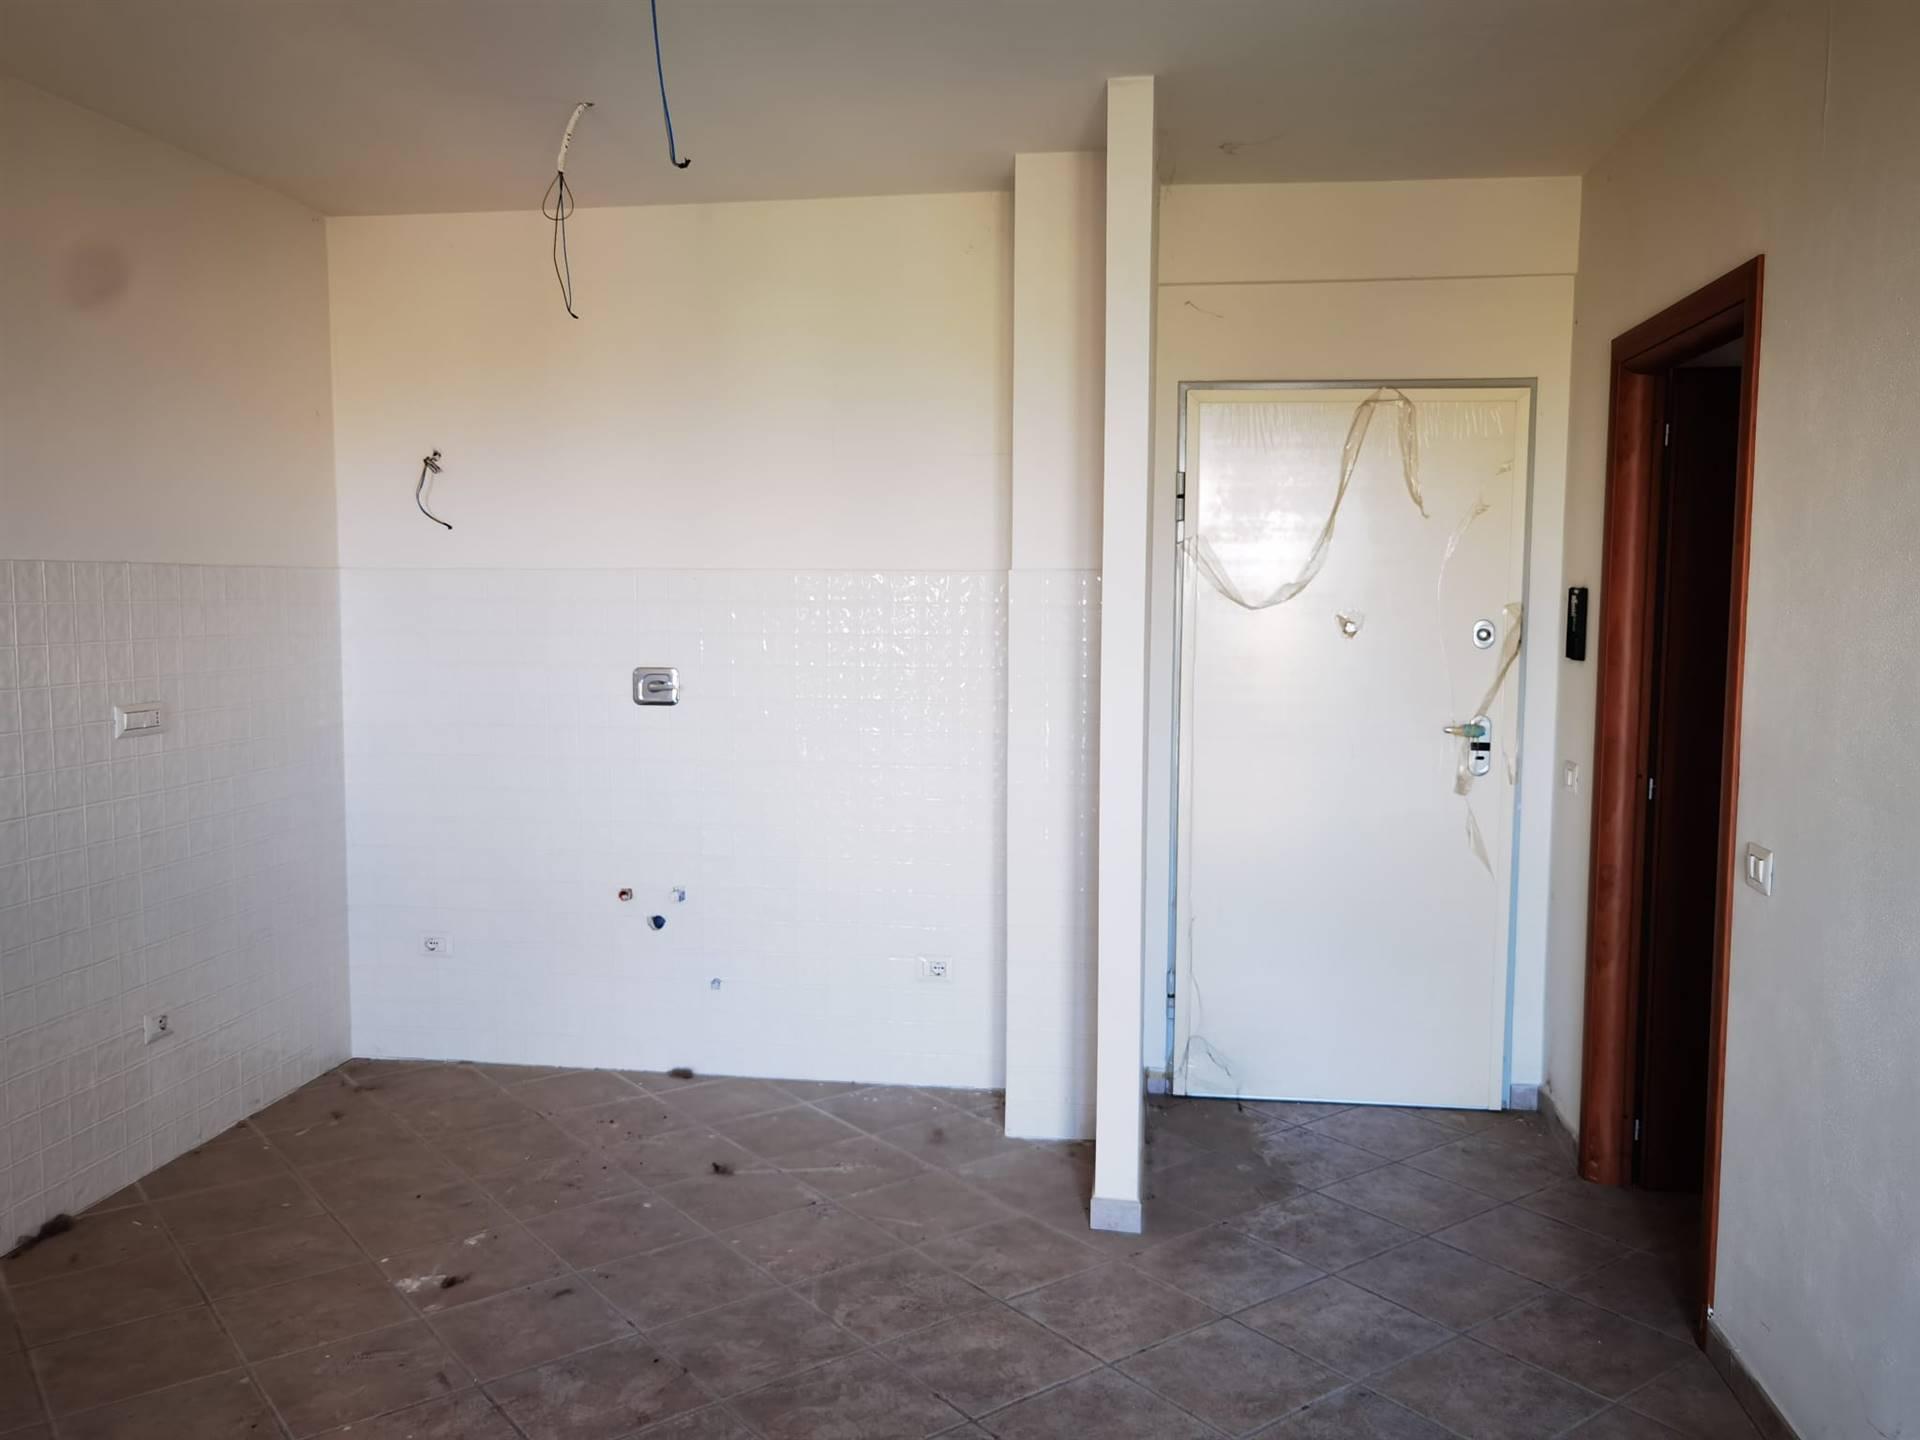 CASALGUIDI, SERRAVALLE PISTOIESE, Appartamento in vendita di 60 Mq, Nuova costruzione, Riscaldamento Autonomo, Classe energetica: D, posto al piano